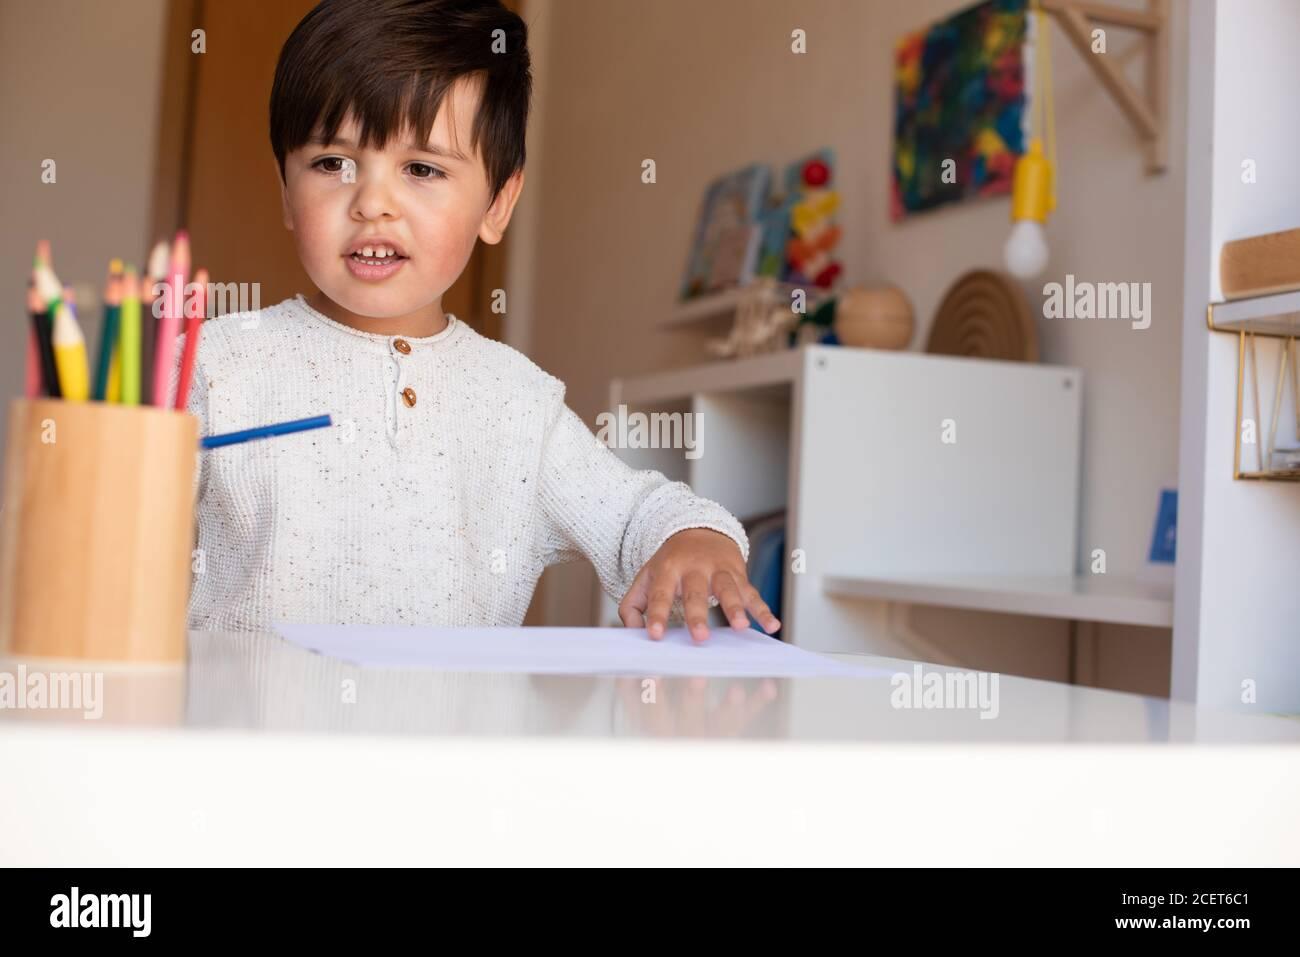 Pequeño niño de preescolar dibujo con lápices de colores. Homeschooling. Comunidad de aprendizaje. Escuela Montessori. Foto de stock